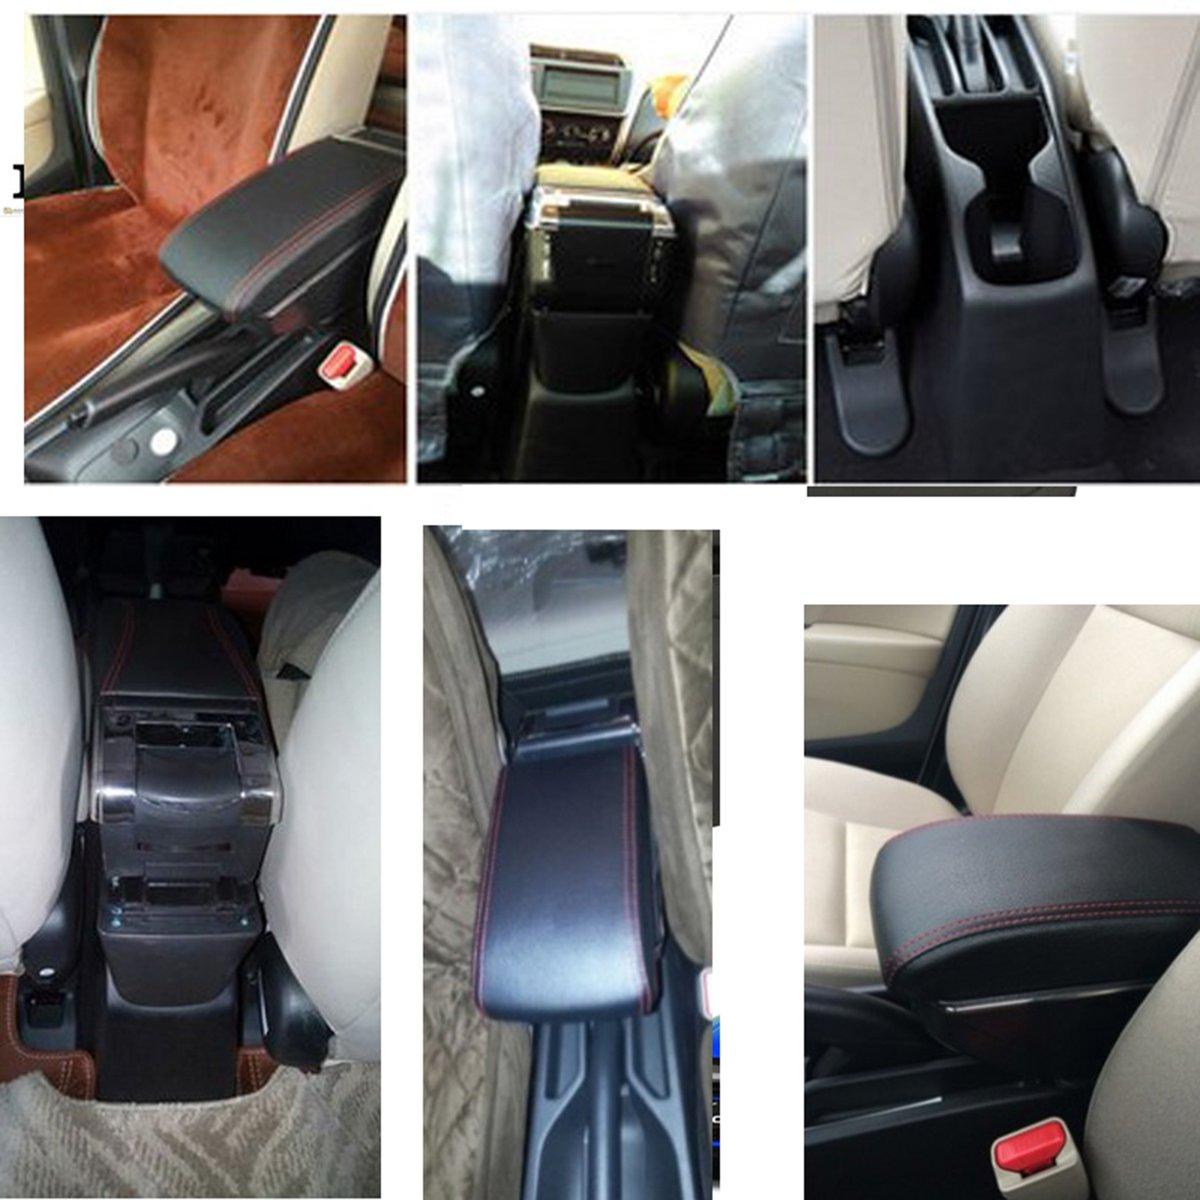 Compatibilit/é avec v/éhicules avec conduite /à gauche non garantie Autosunshine Accoudoir de voiture Boite de rangement centrale Cuir Pi/èce automobile int/érieure